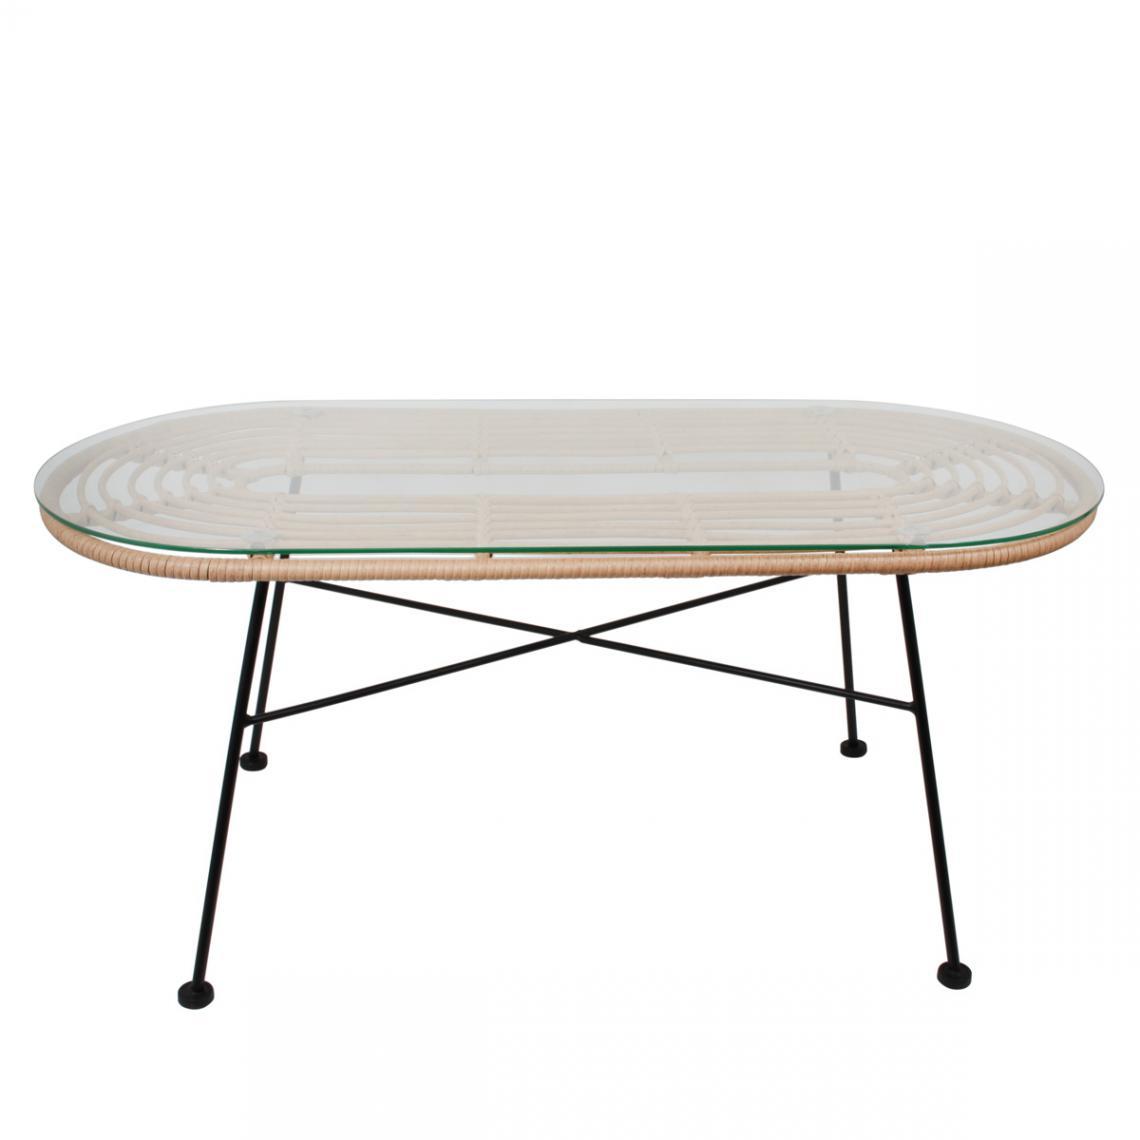 Table Basse Ovale En Verre Et Rotin Et Pietement Metal Noir Slune